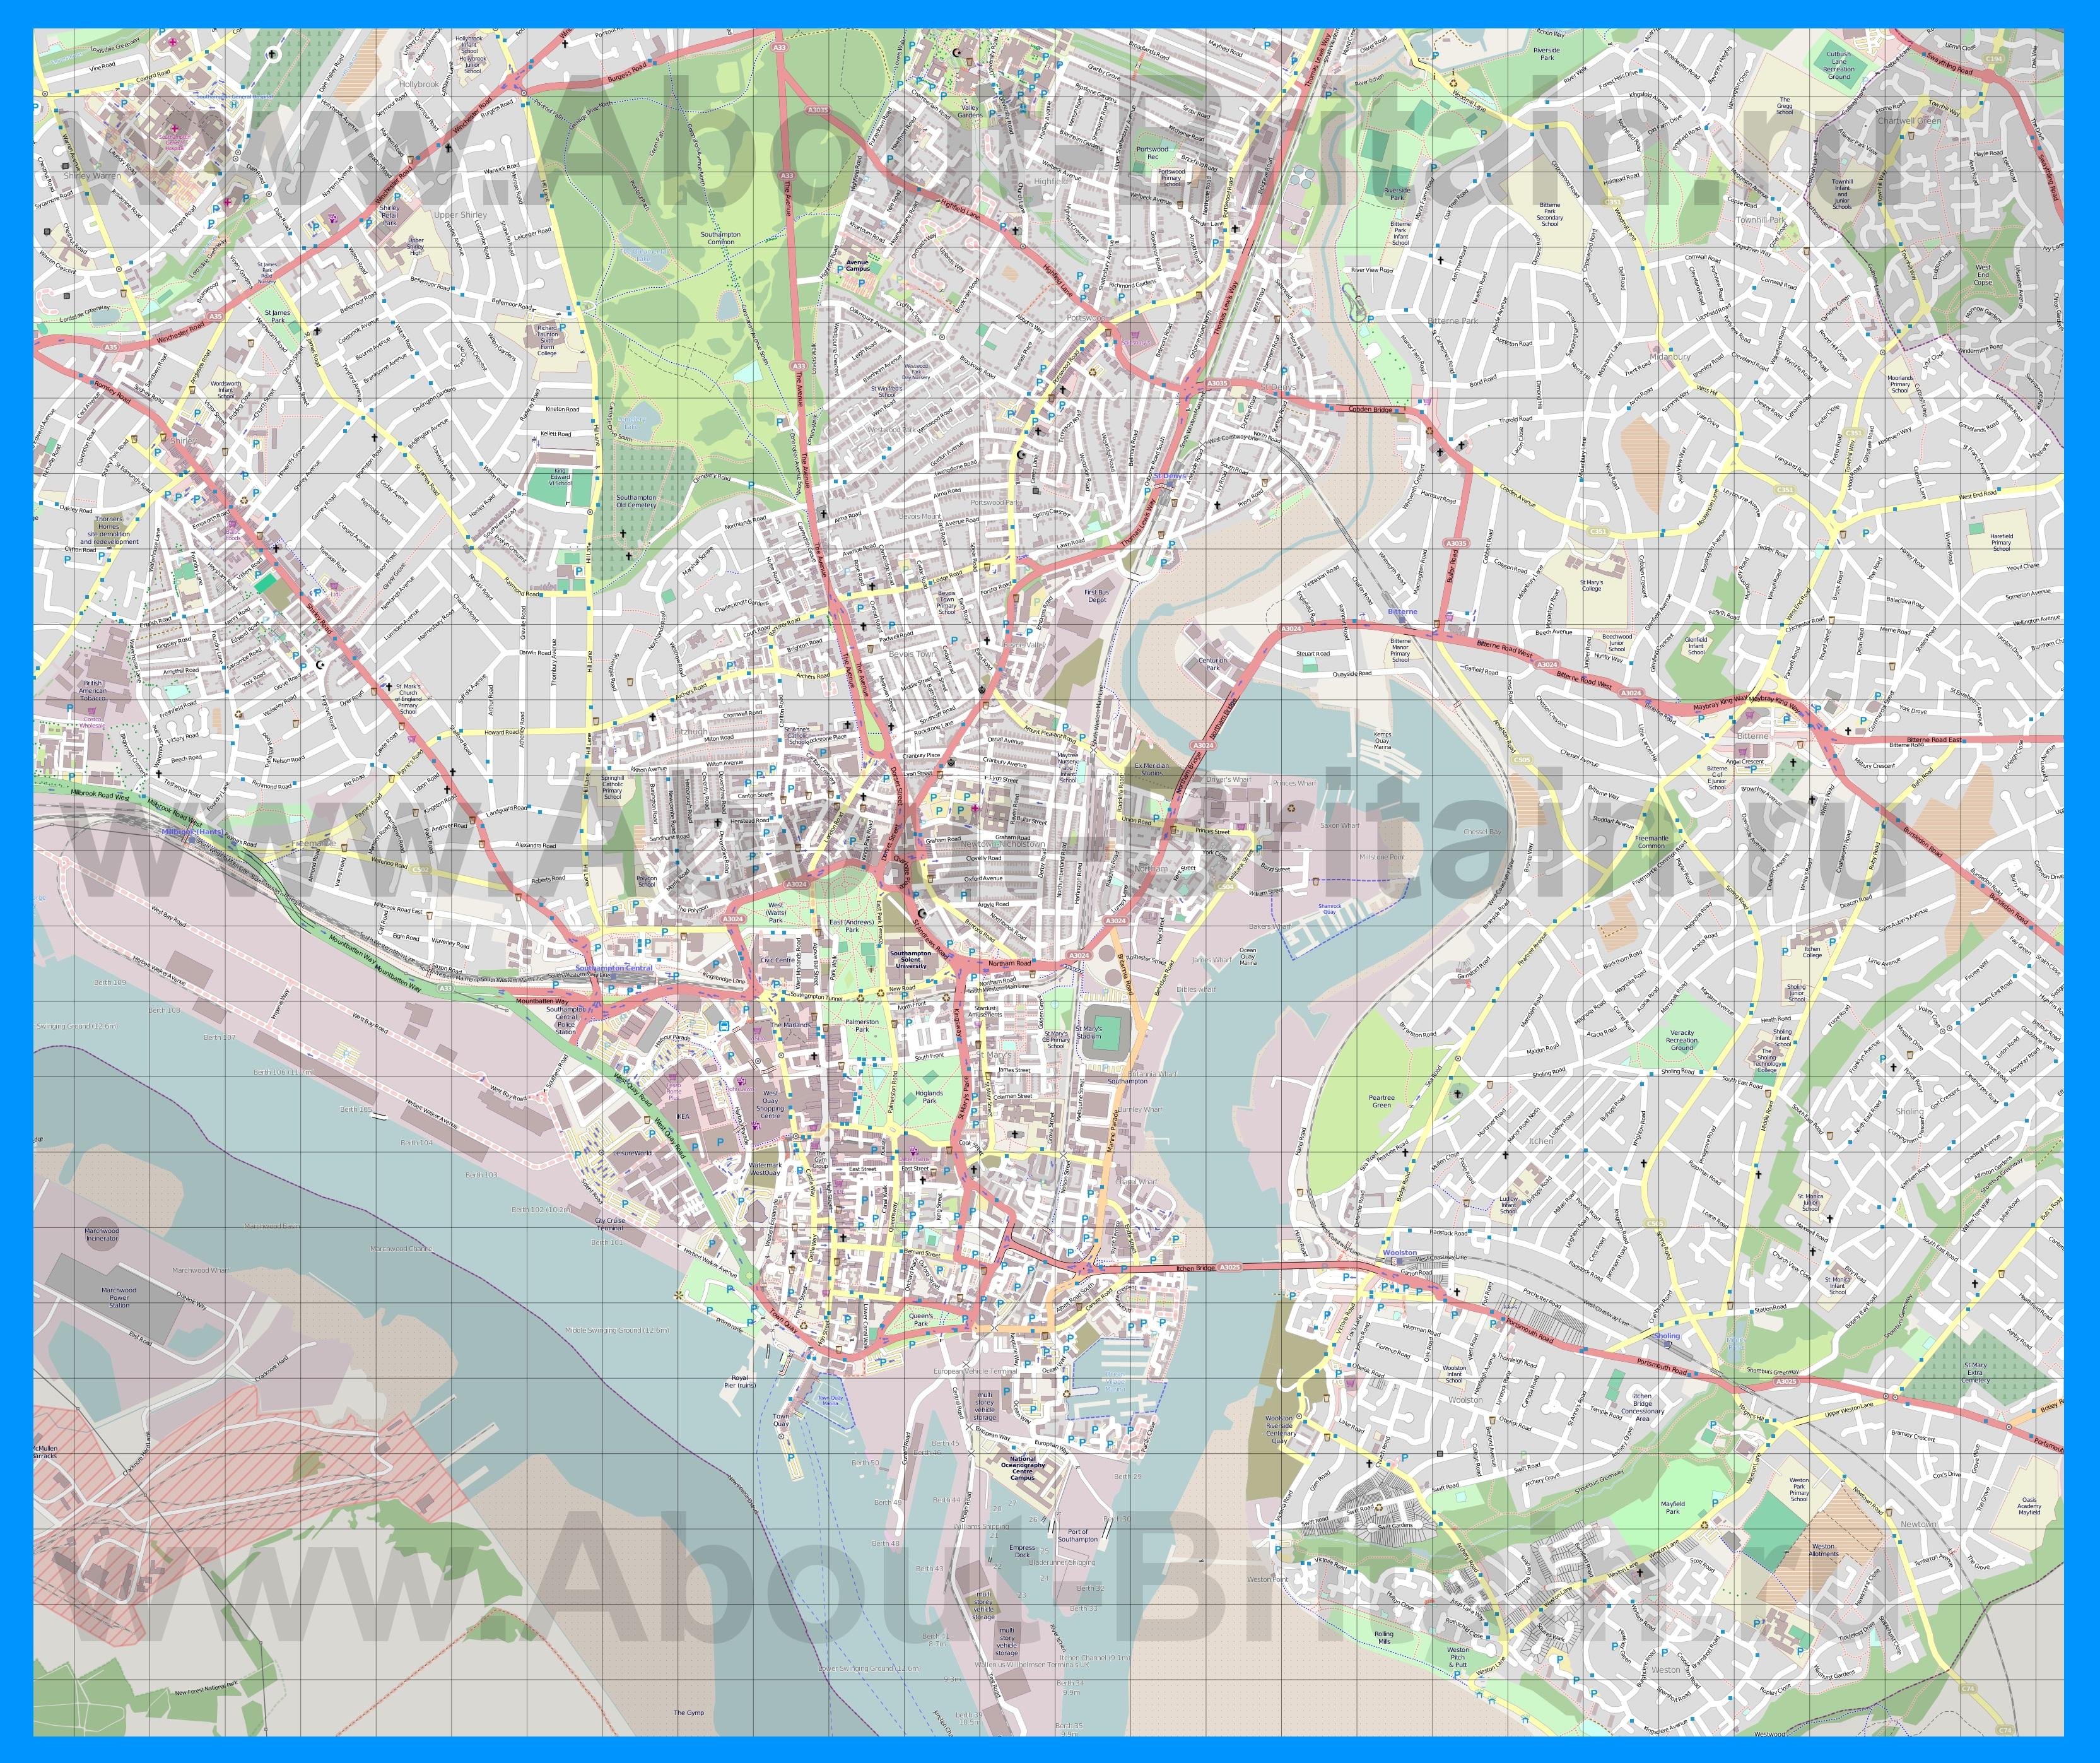 Подробная карта города саутгемптон